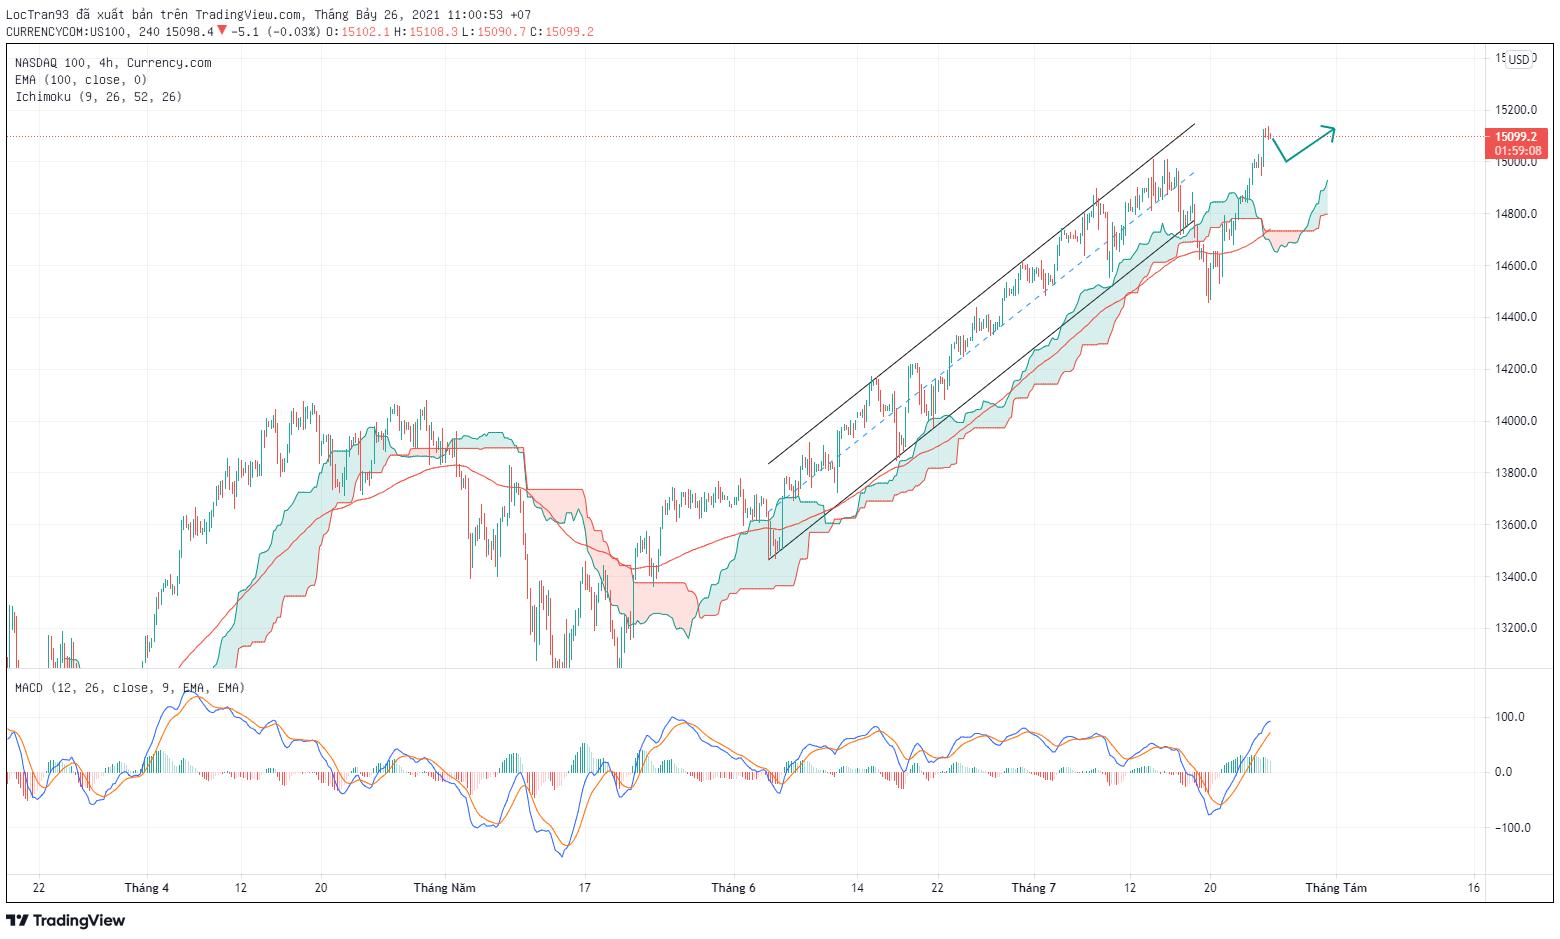 Biểu đồ chỉ số NASDAQ100 khung H4